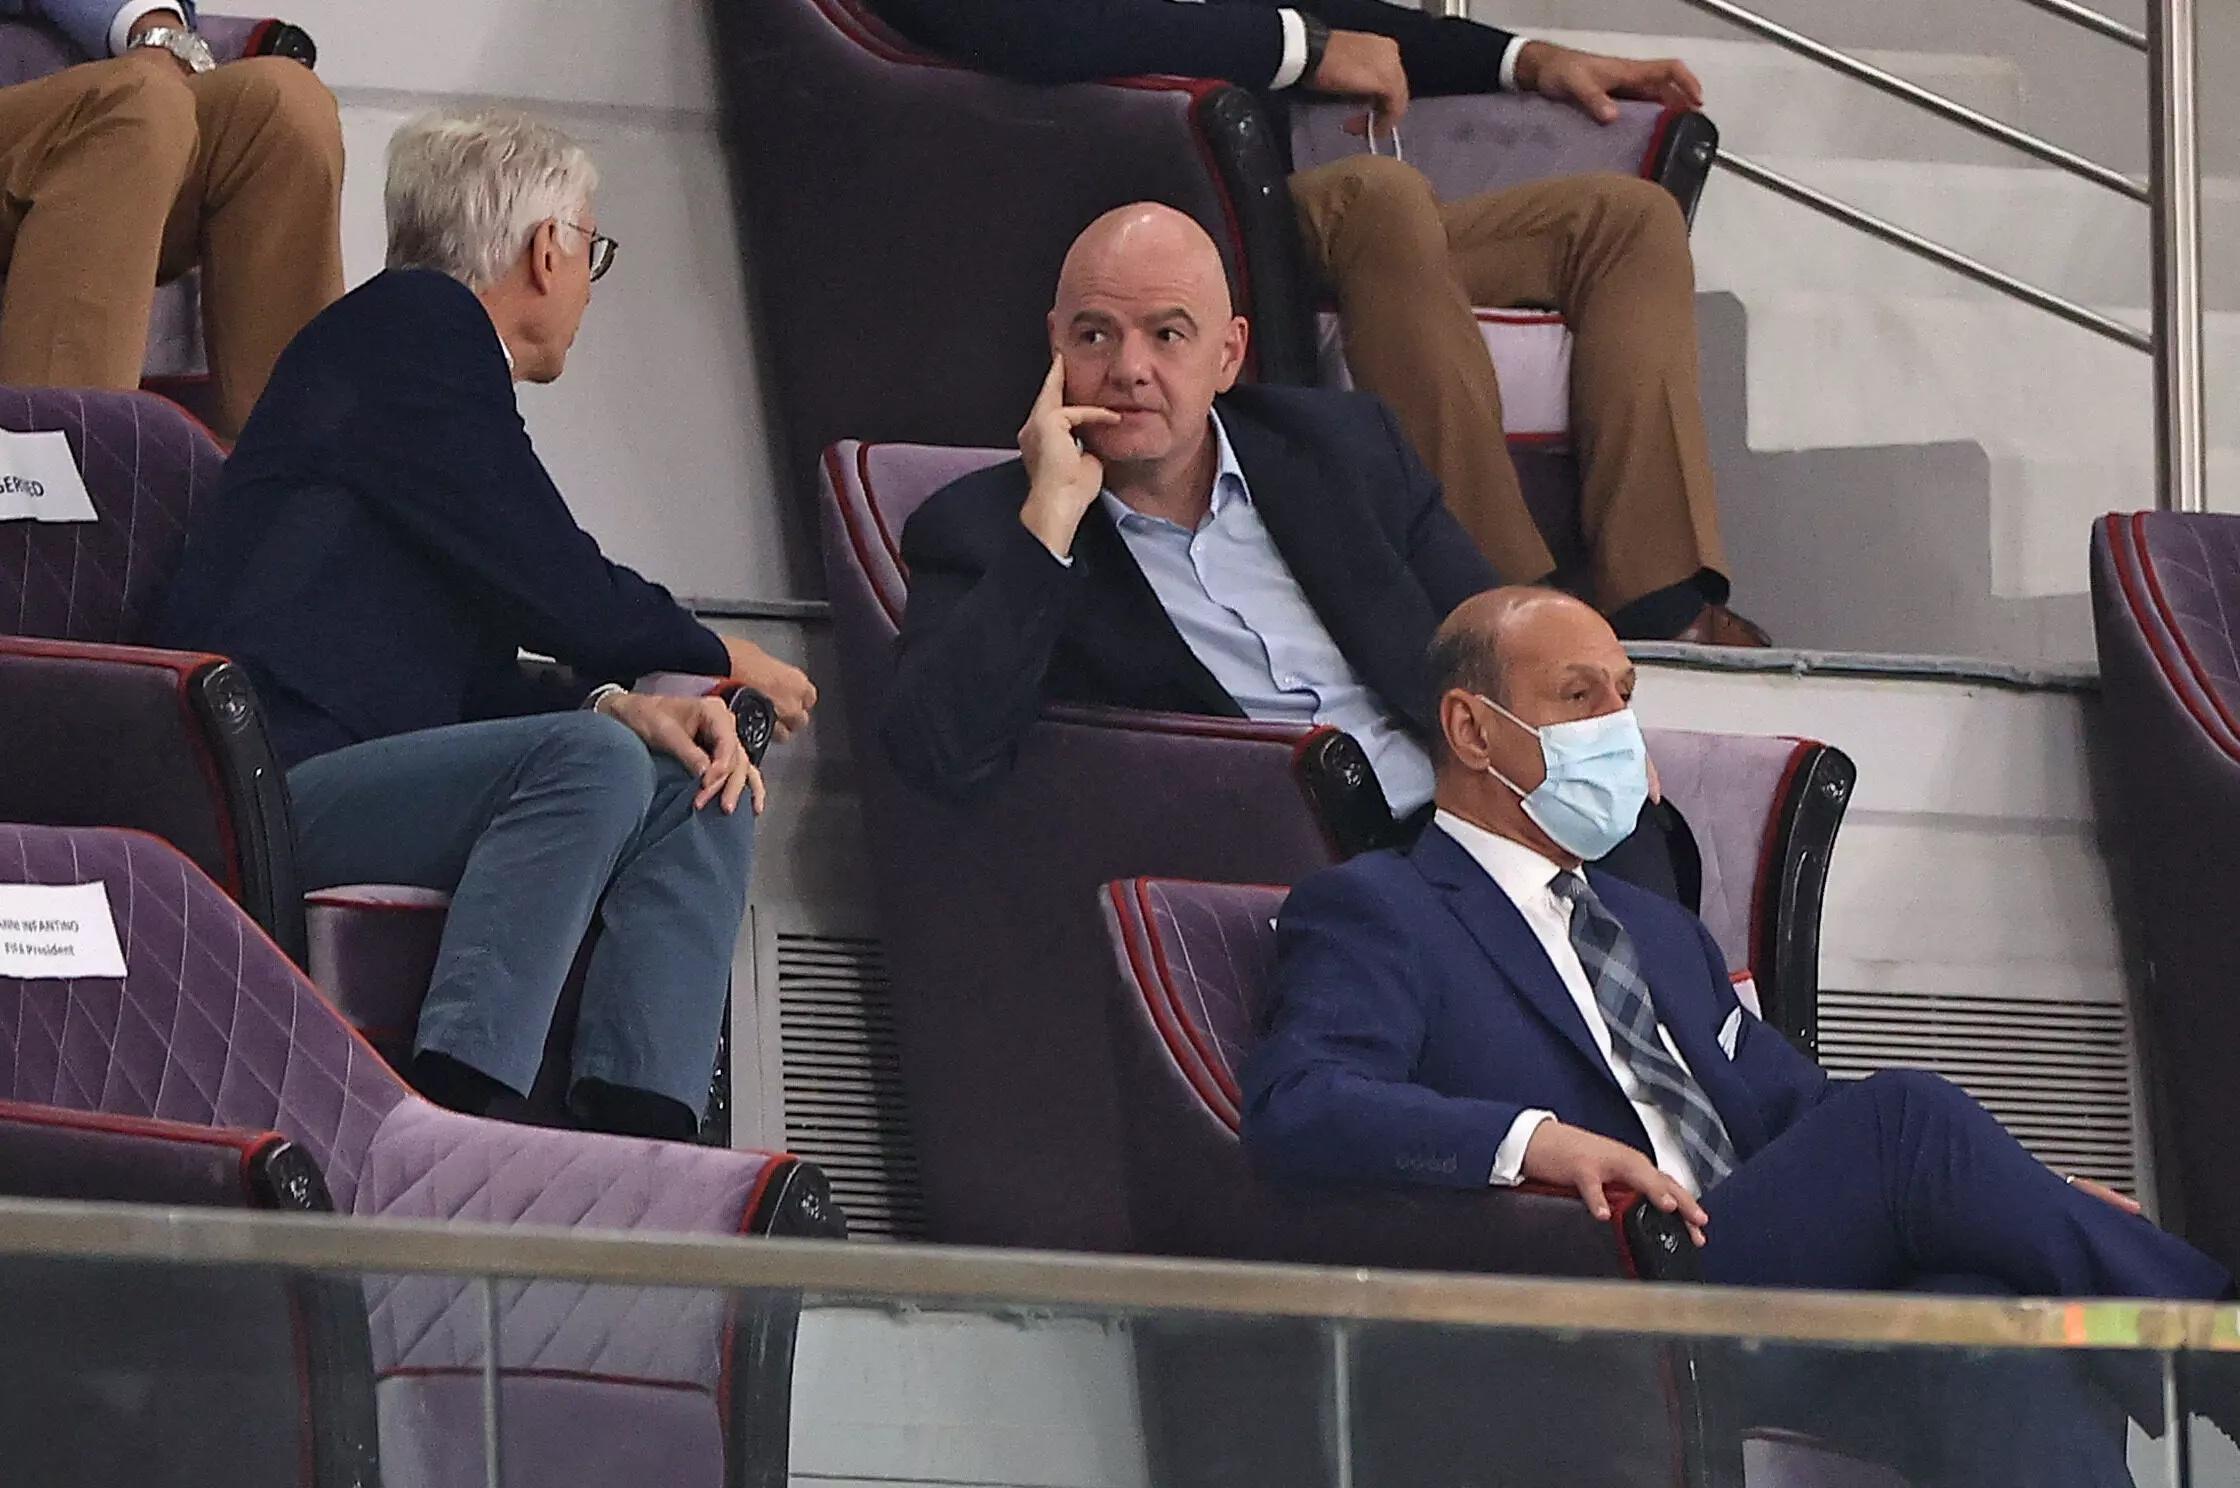 Le président de la Fifa Gianni Infantino échange avec son directeur du développement du football Arsène Wenger (à gauche) au stade Al-Janoub à Al Wakrah, le 7 septembre 2021